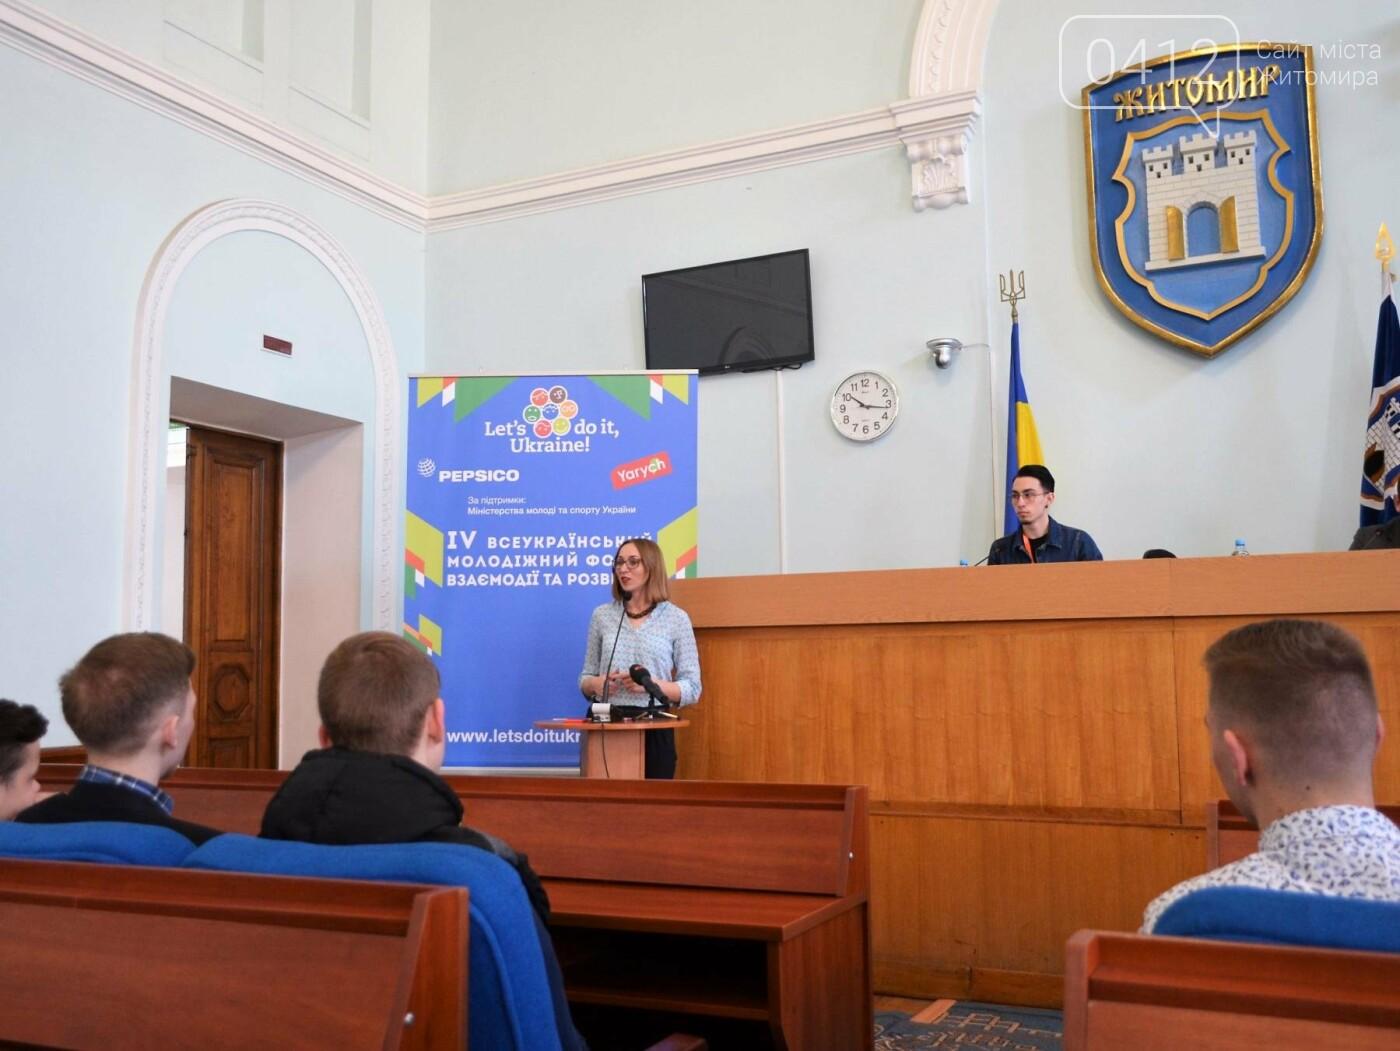 У Житомирі проходить молодіжний форум, фото-1